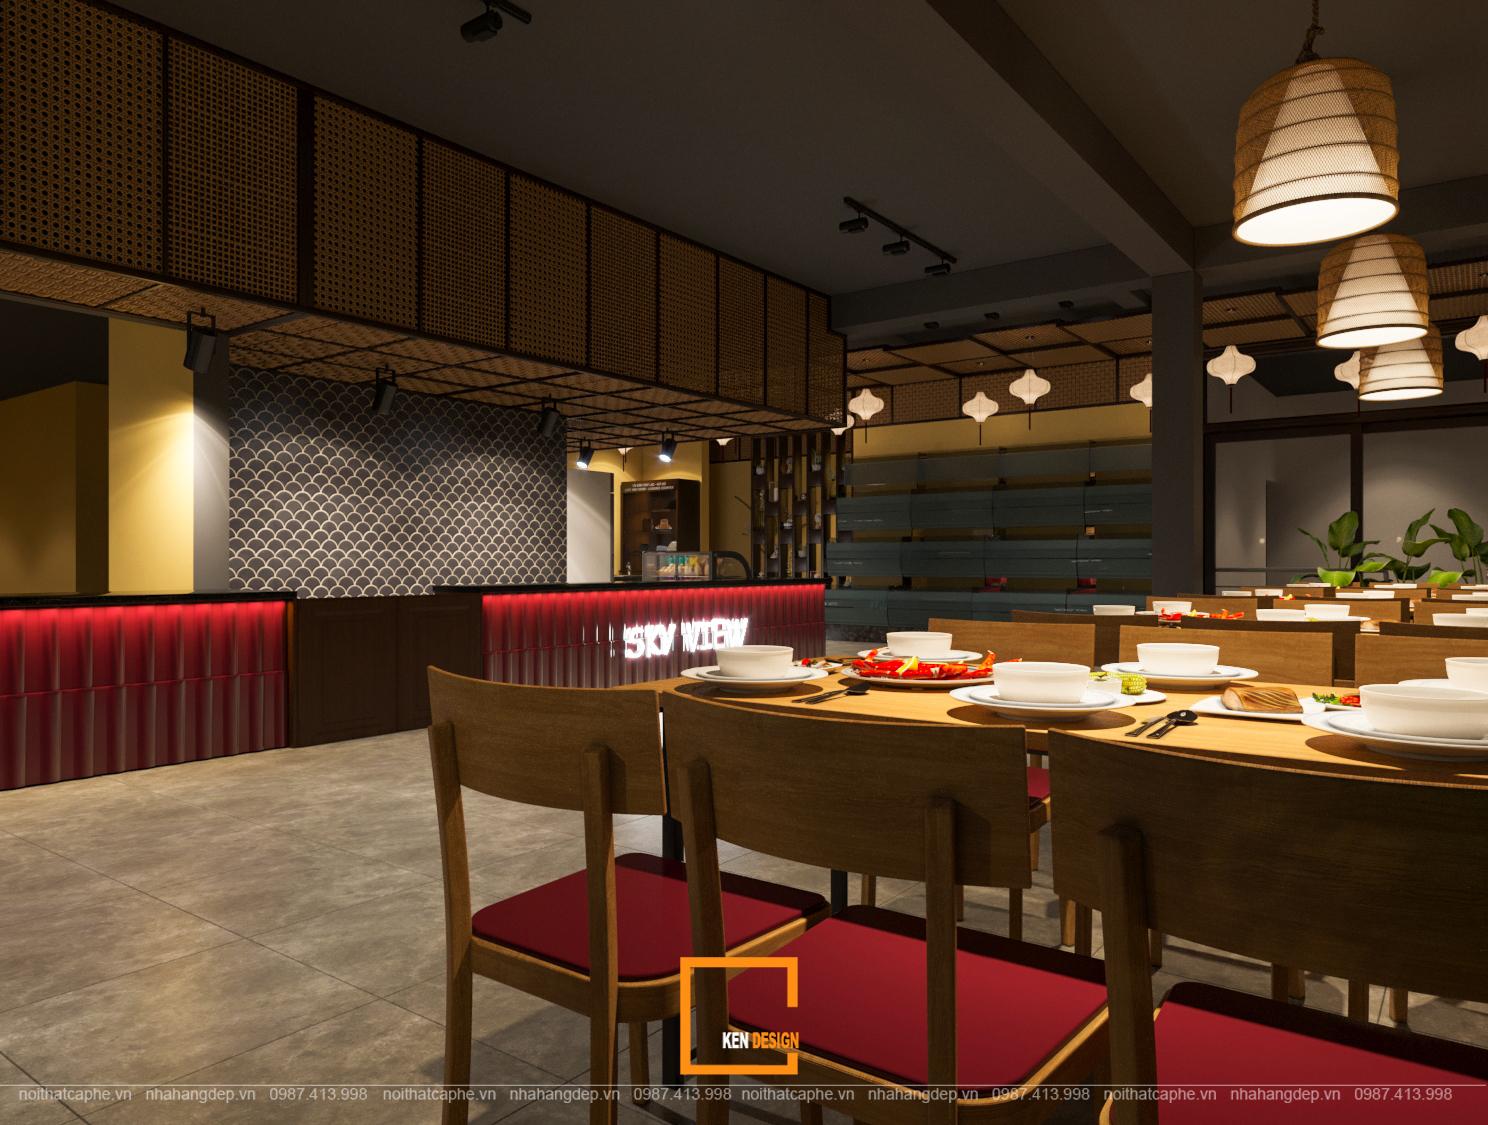 thi công nội thất nhà hàng giá rẻ tại Hà Nội